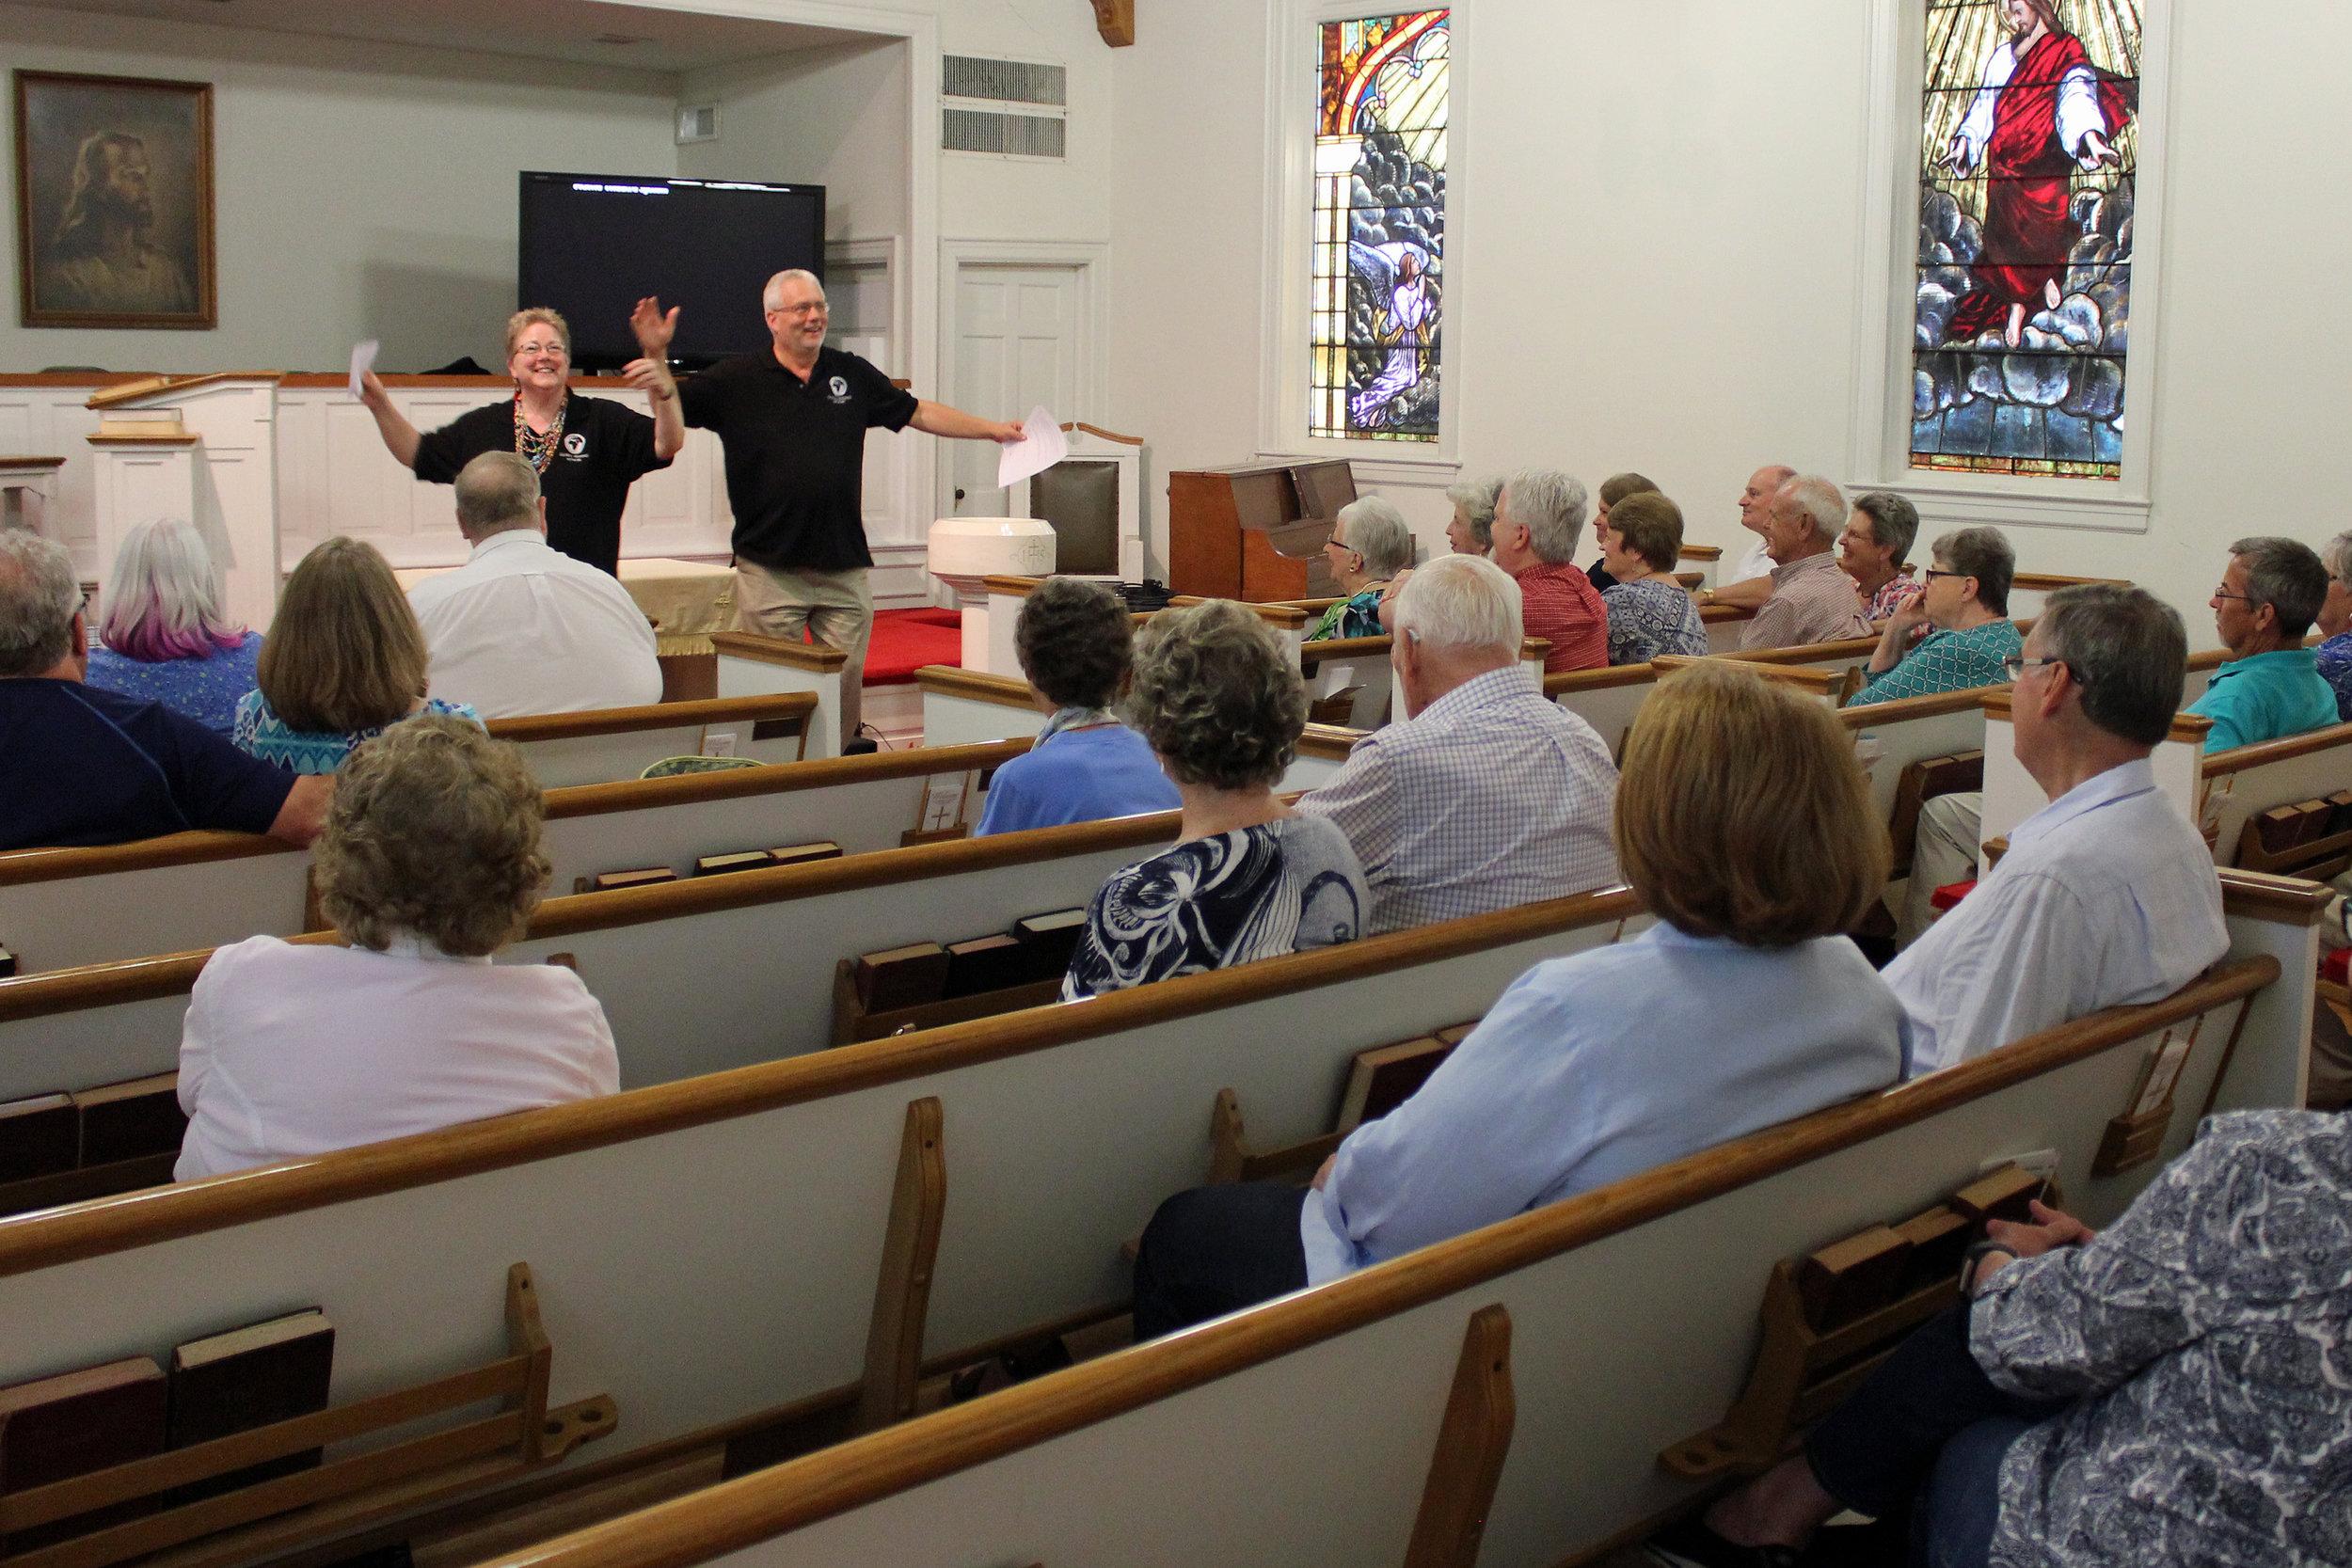 Westminster Presbyterian Church Mission Presentation